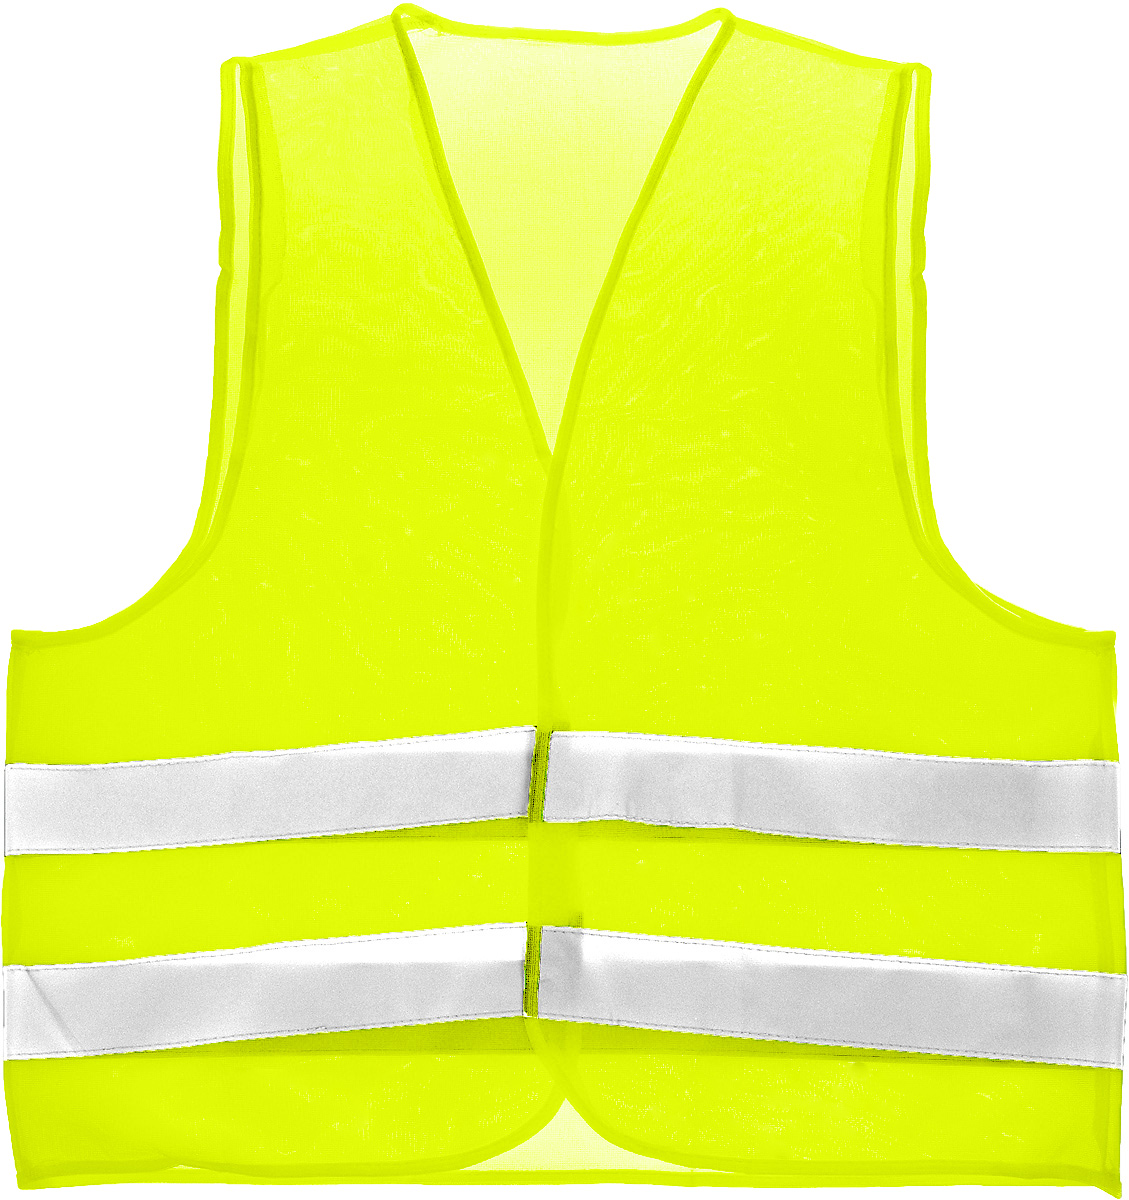 Жилет светоотражающий Rexxon, цвет: салатовый. Размер XL жилет светоотражающий светлячок эльфийская принцесса размер l